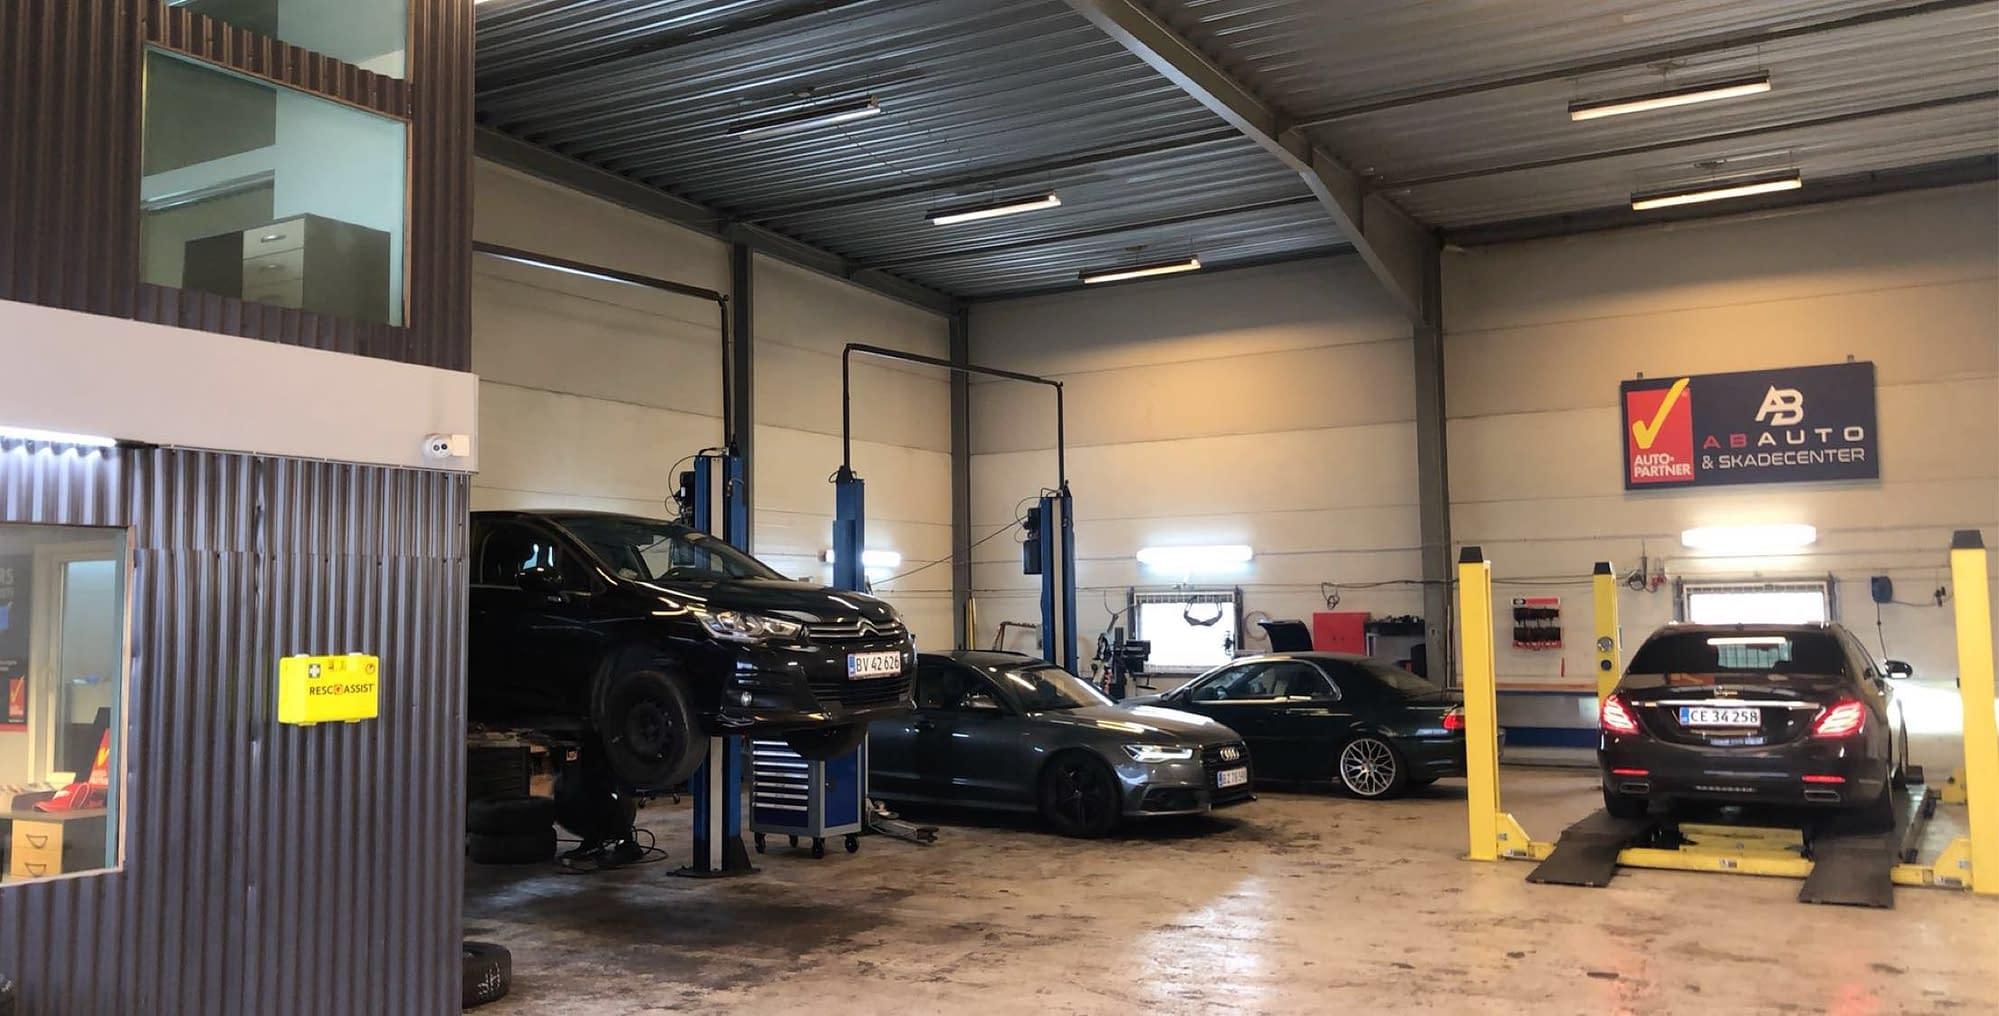 Autocenter København, Autocenter Sydhavn, Mekaniker, bilværksted, bilmekaniker, skadecenter, reparation af biler, olieskift, skift af dæk, service til biler